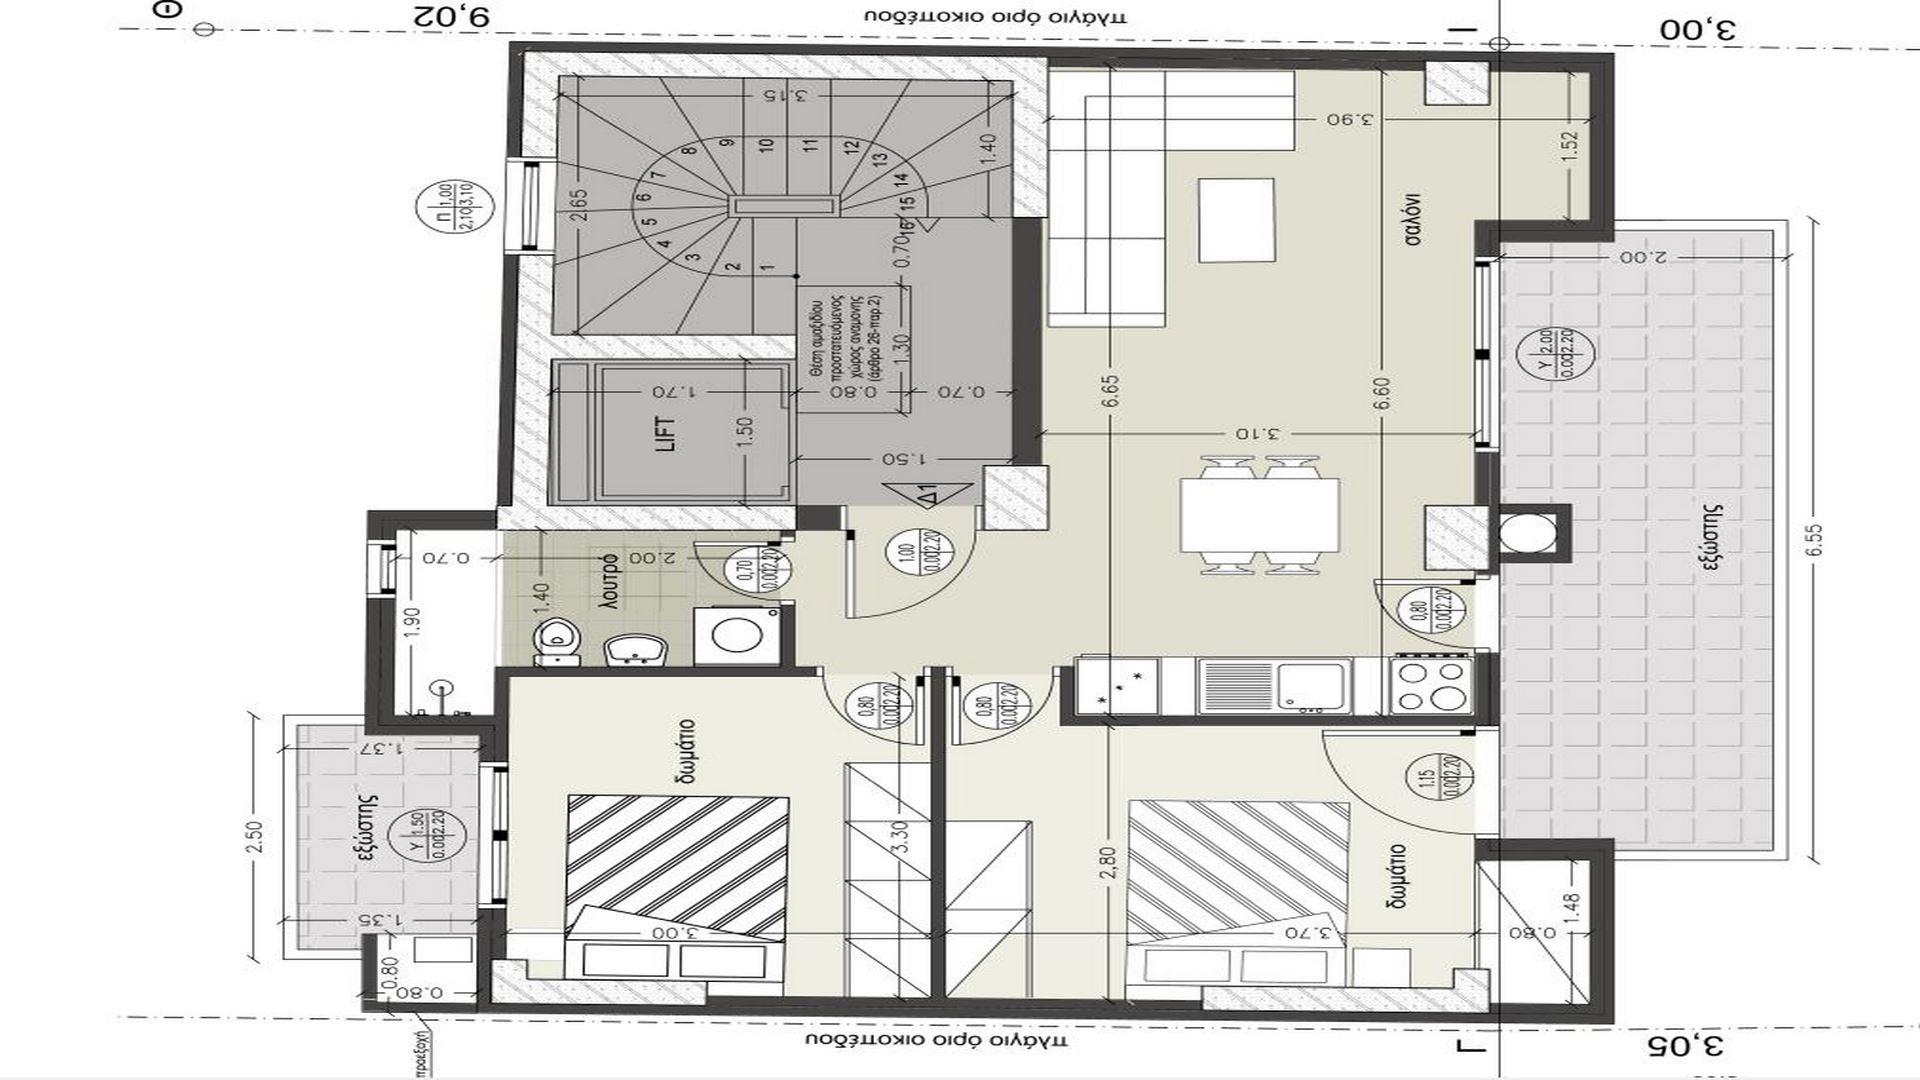 6th floor (Αντιγραφή)